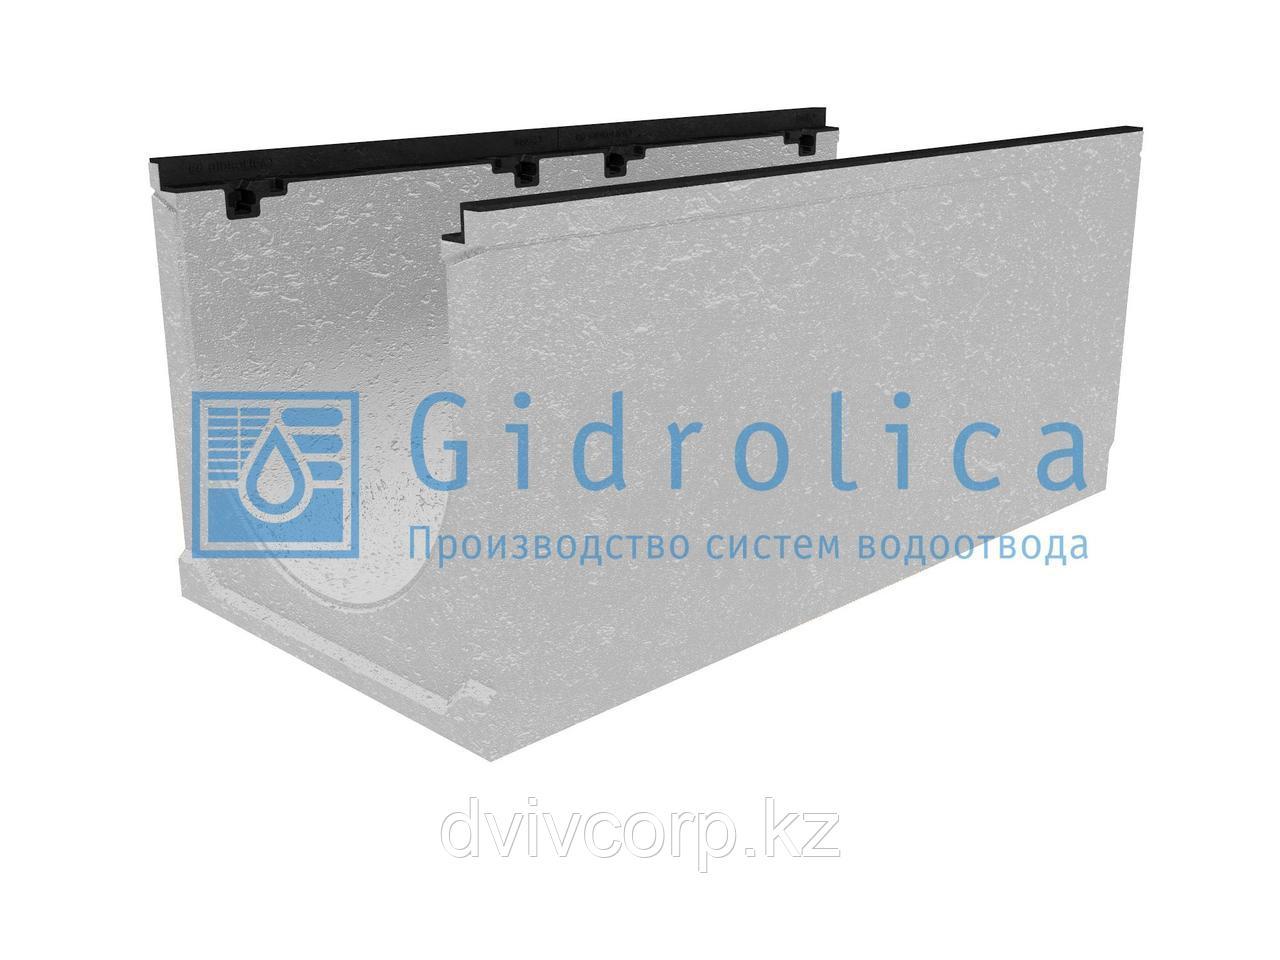 Лоток водоотводный бетонный коробчатый (СО-400мм), с чугунной насадкой КU 100.49,9 (40).44,5(37,5) - BGZ-S, №